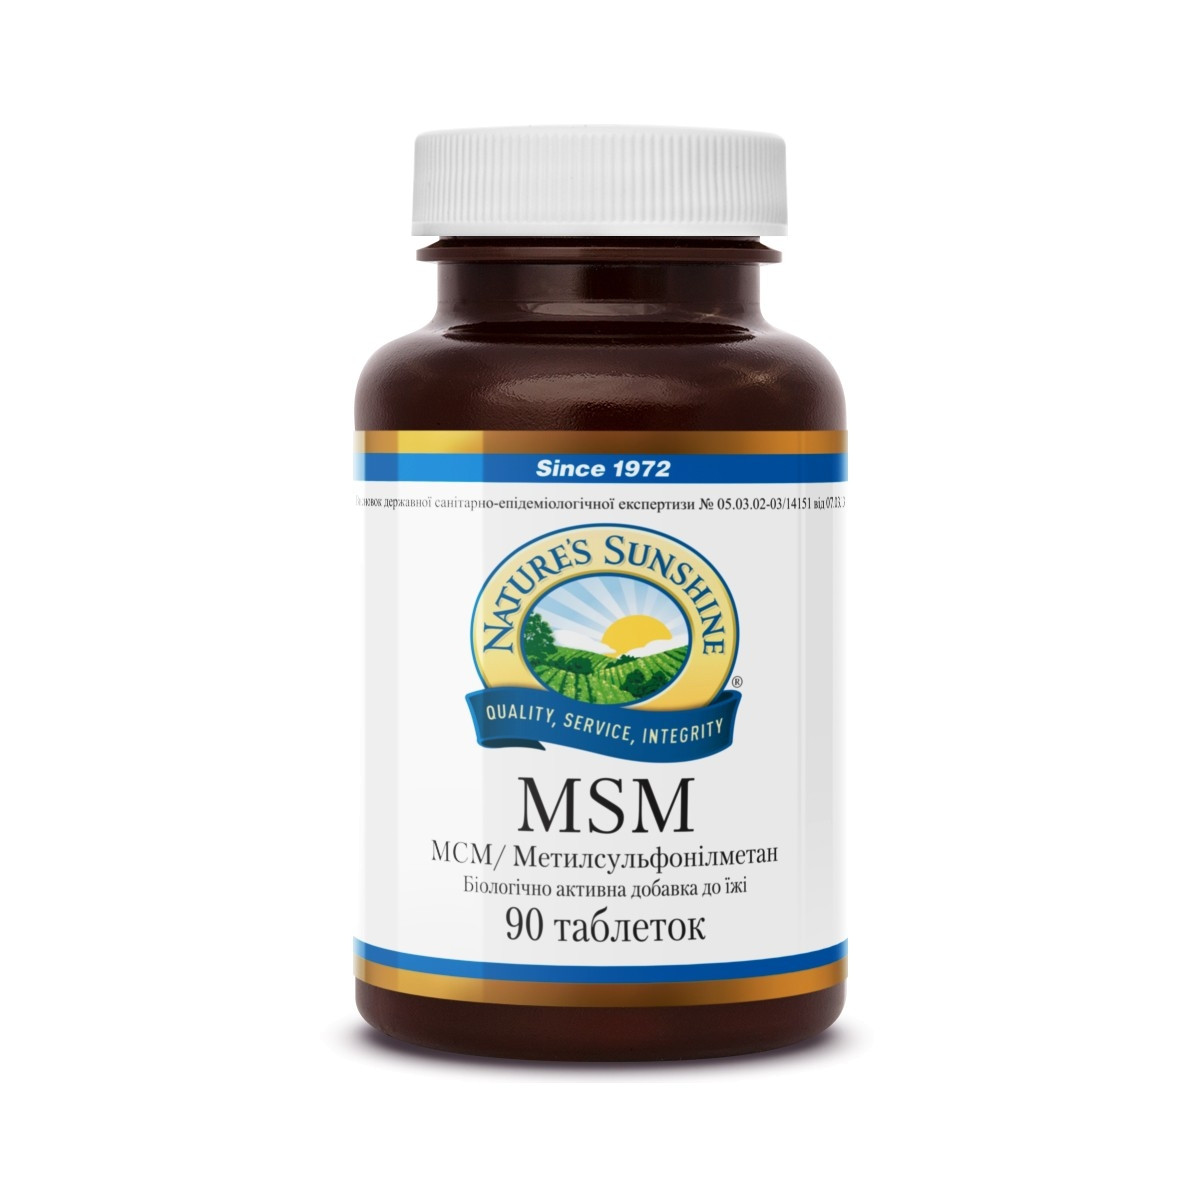 МСМ MSM бад НСП - органическая сера для лечения аллергии детям,восстановления суставов,хряща коленного сустава